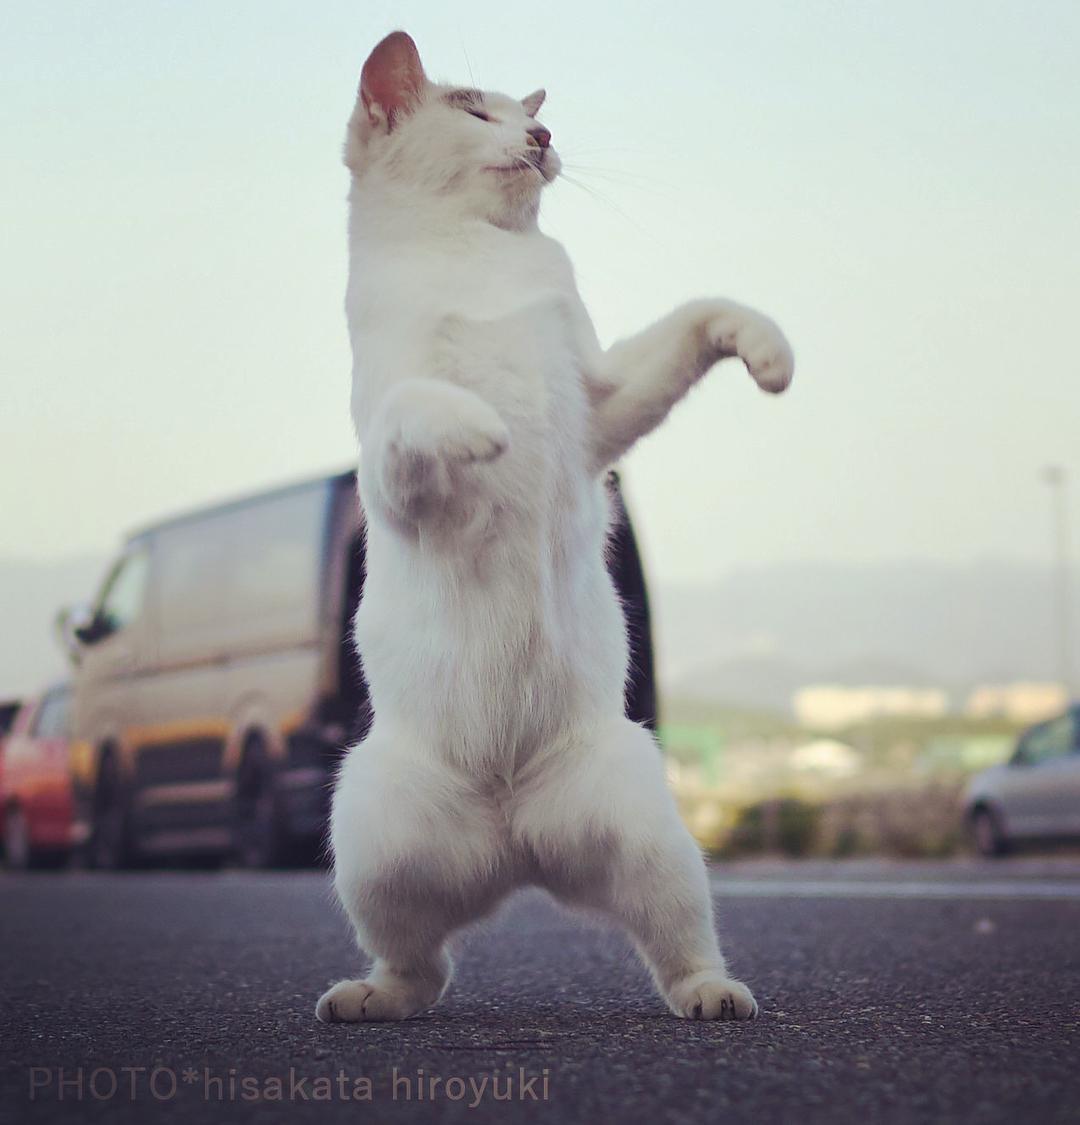 Жизнь «котов-ниндзя»: забавный проект Хисакаты Хироюки